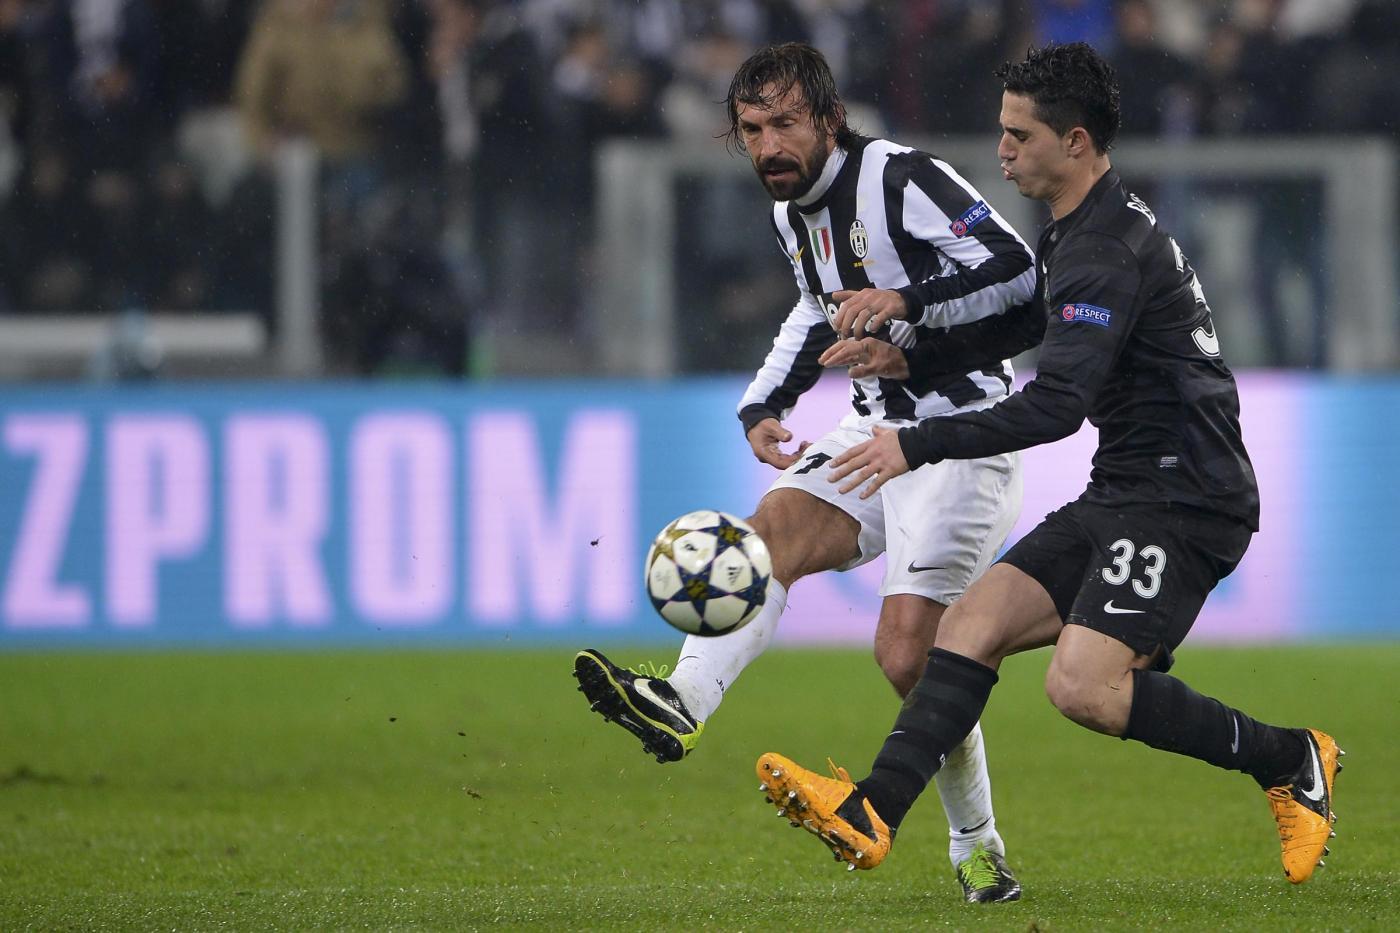 Beram Kayal contro il suo idolo, Andrea Pirlo, in Juventus-Celtic, stagione 2013-2014  (Daniele Badolato - LaPresse)